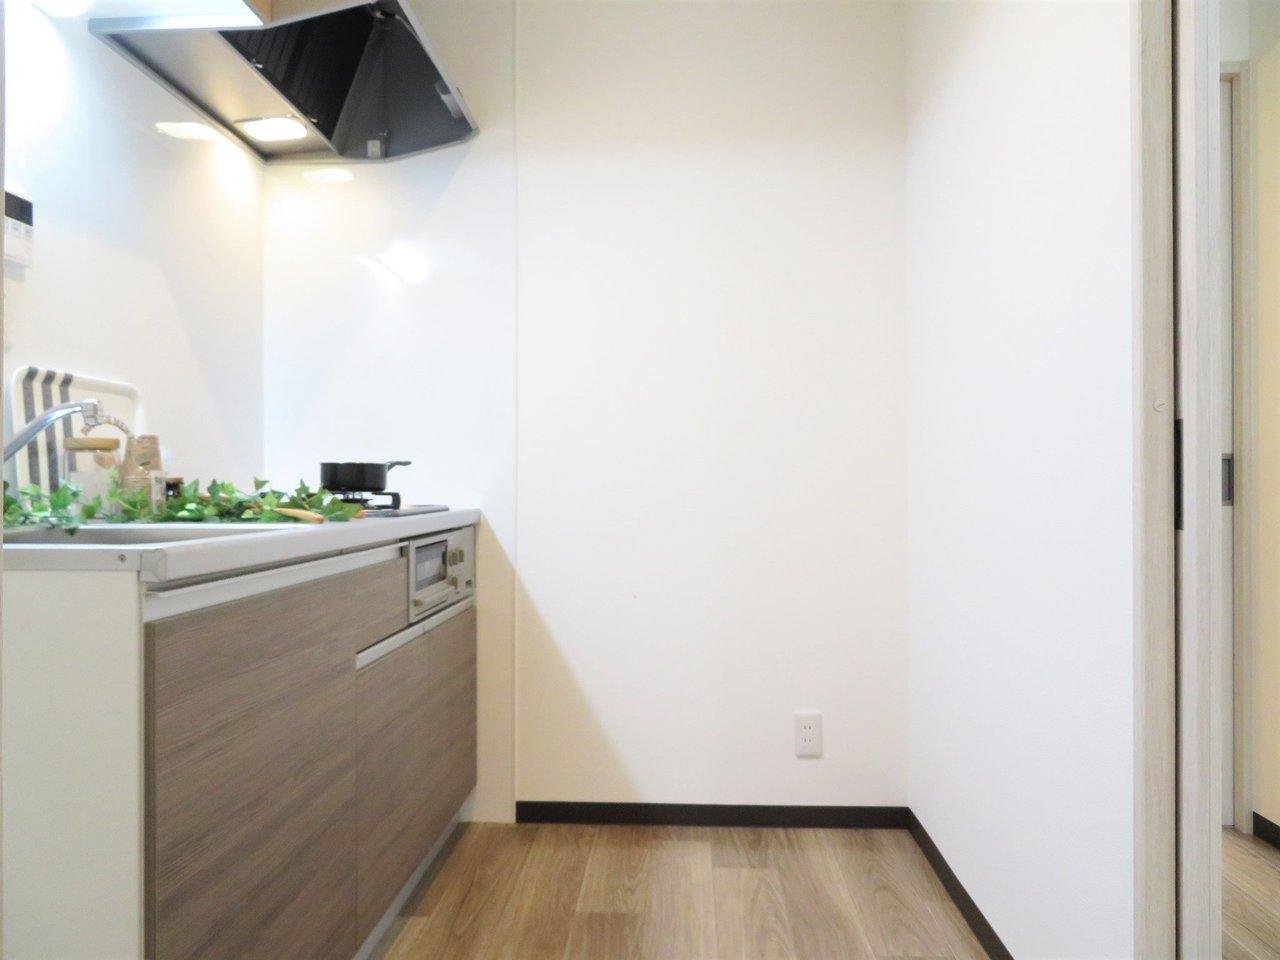 キッチンスペースも2.5畳と、通常の1Kの物件よりも広めのスペース。2口コンロのシステムキッチンです。キッチン周辺のスペースもあるので冷蔵庫以外にも小さな食器棚くらいであれば置けそうです。